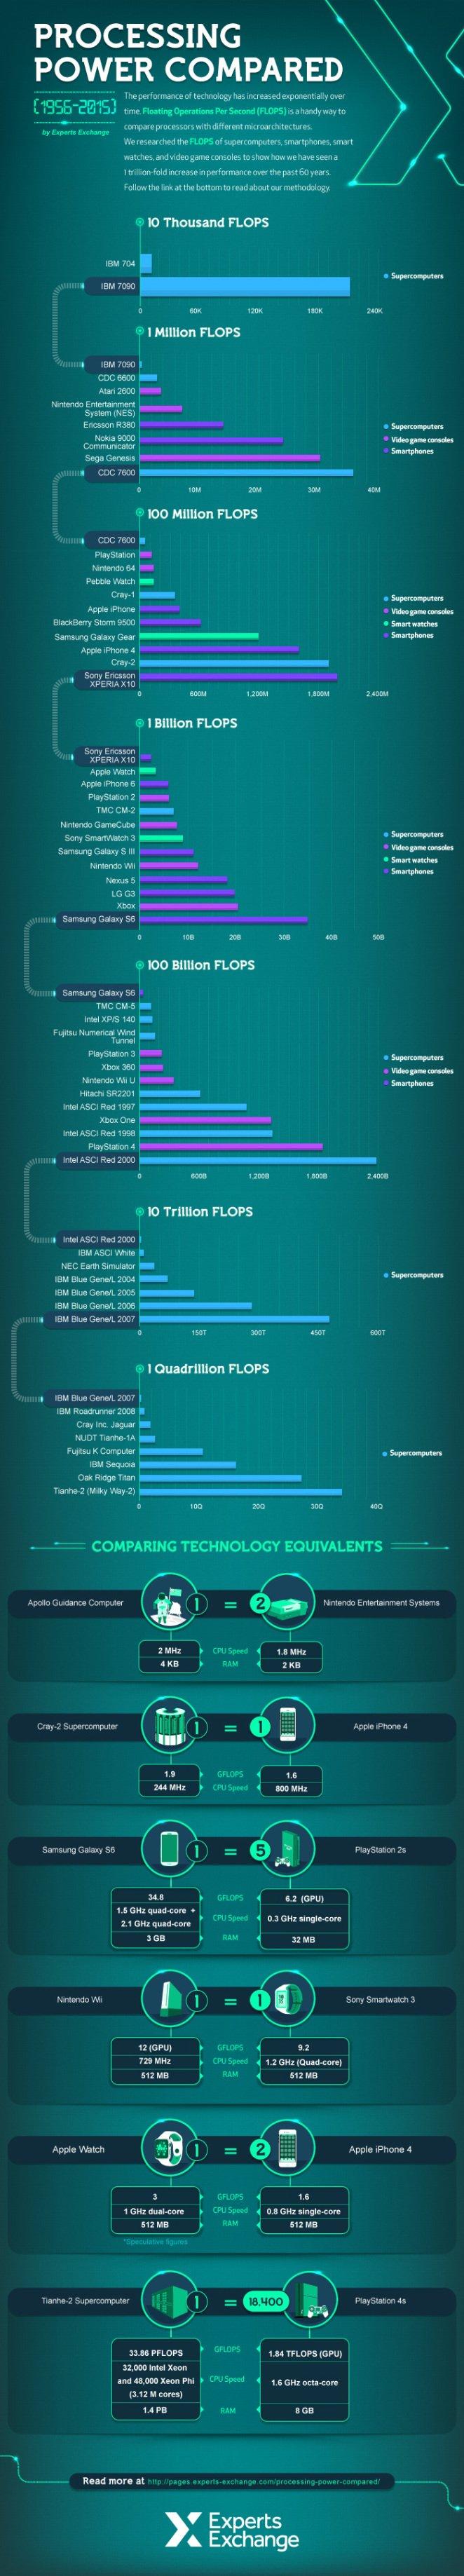 infografica power s6